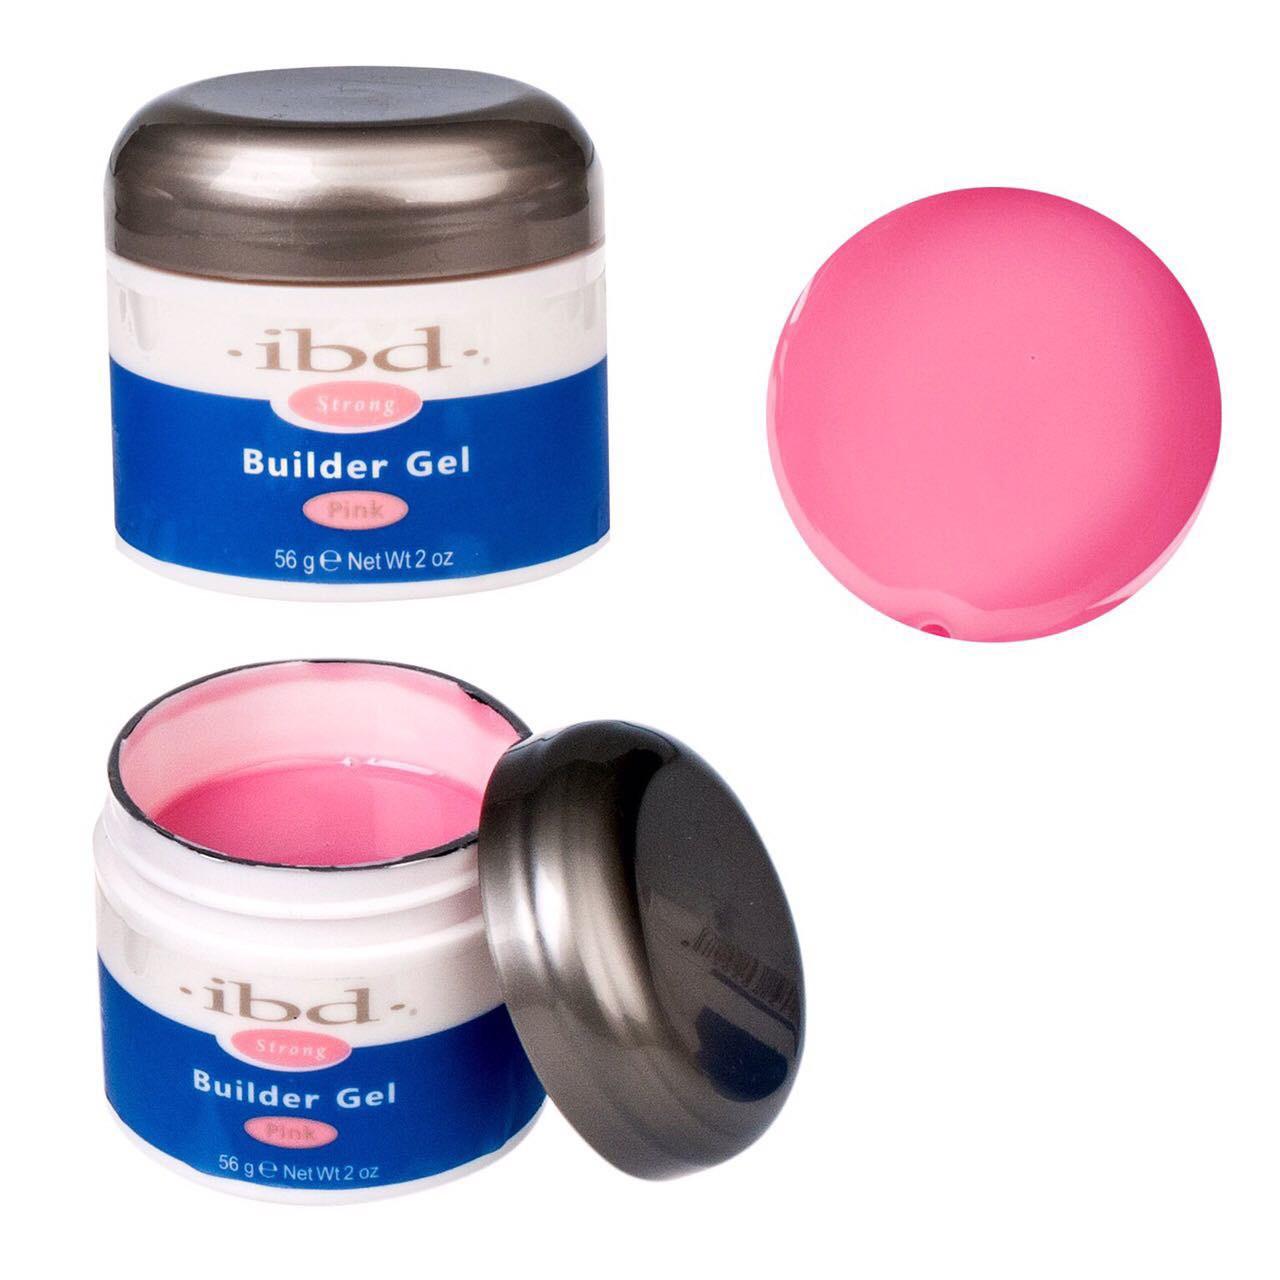 Гель для наращивания ногтей, IBD (розовый камуфляж) , 56 гр.